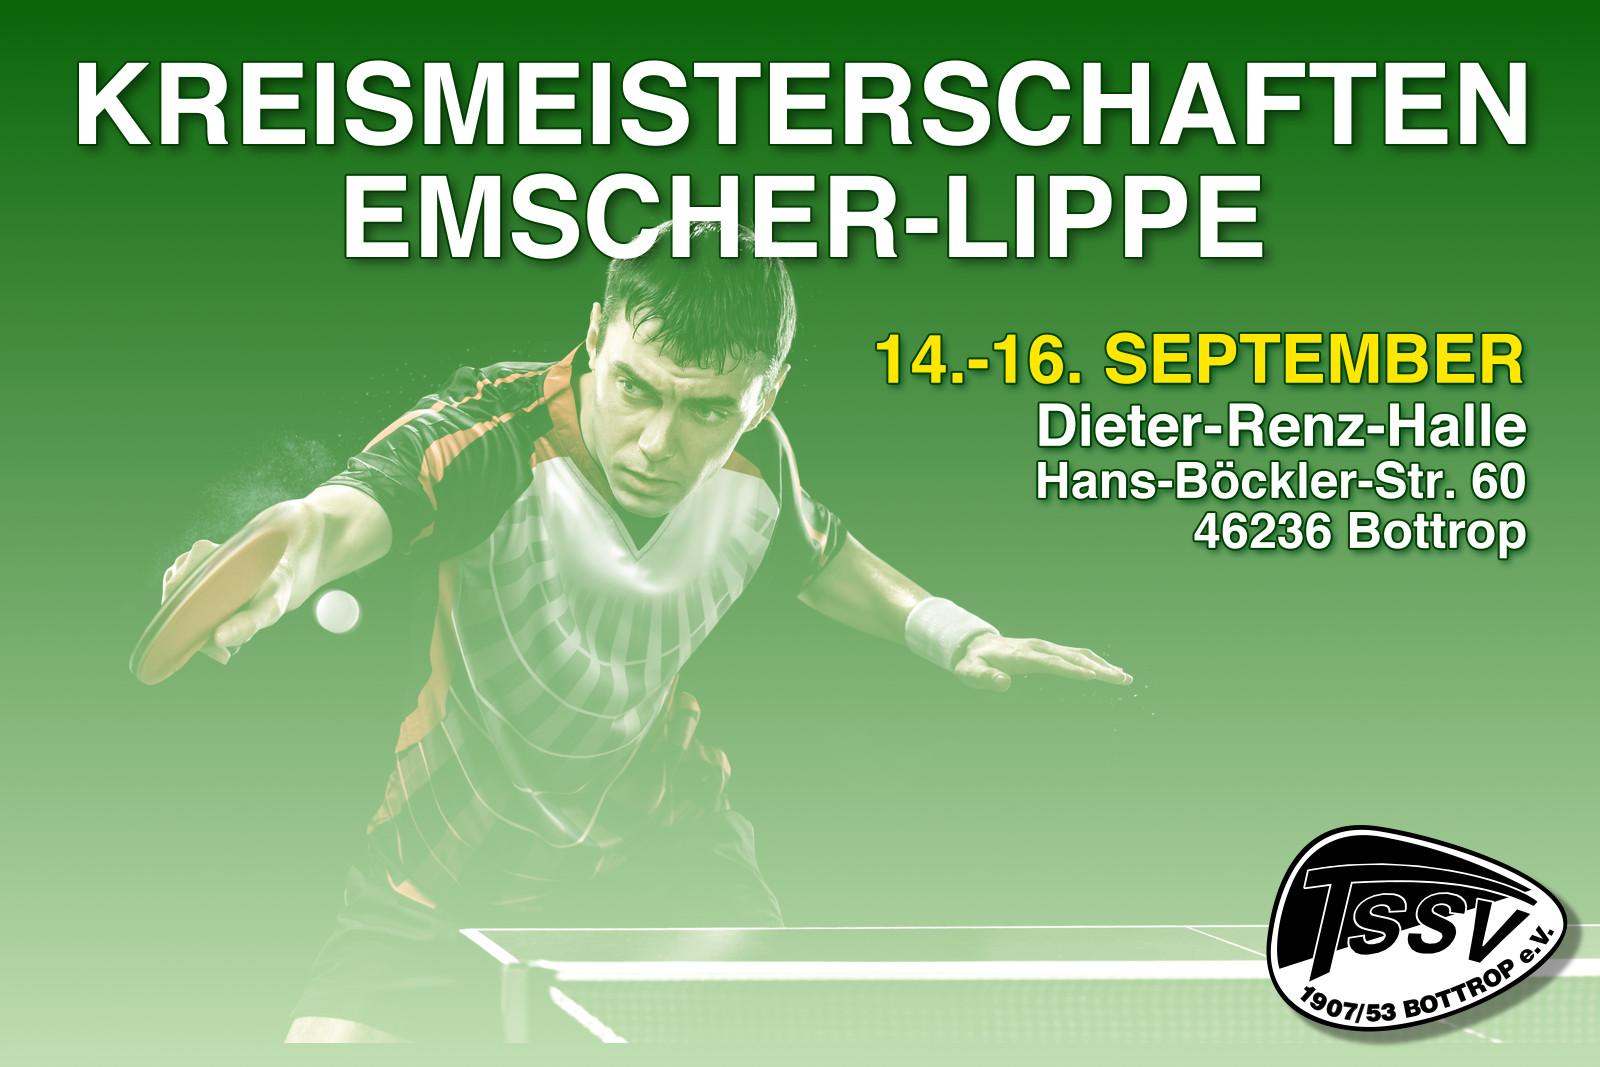 Kreismeisterschaften Emscher-Lippe 2018